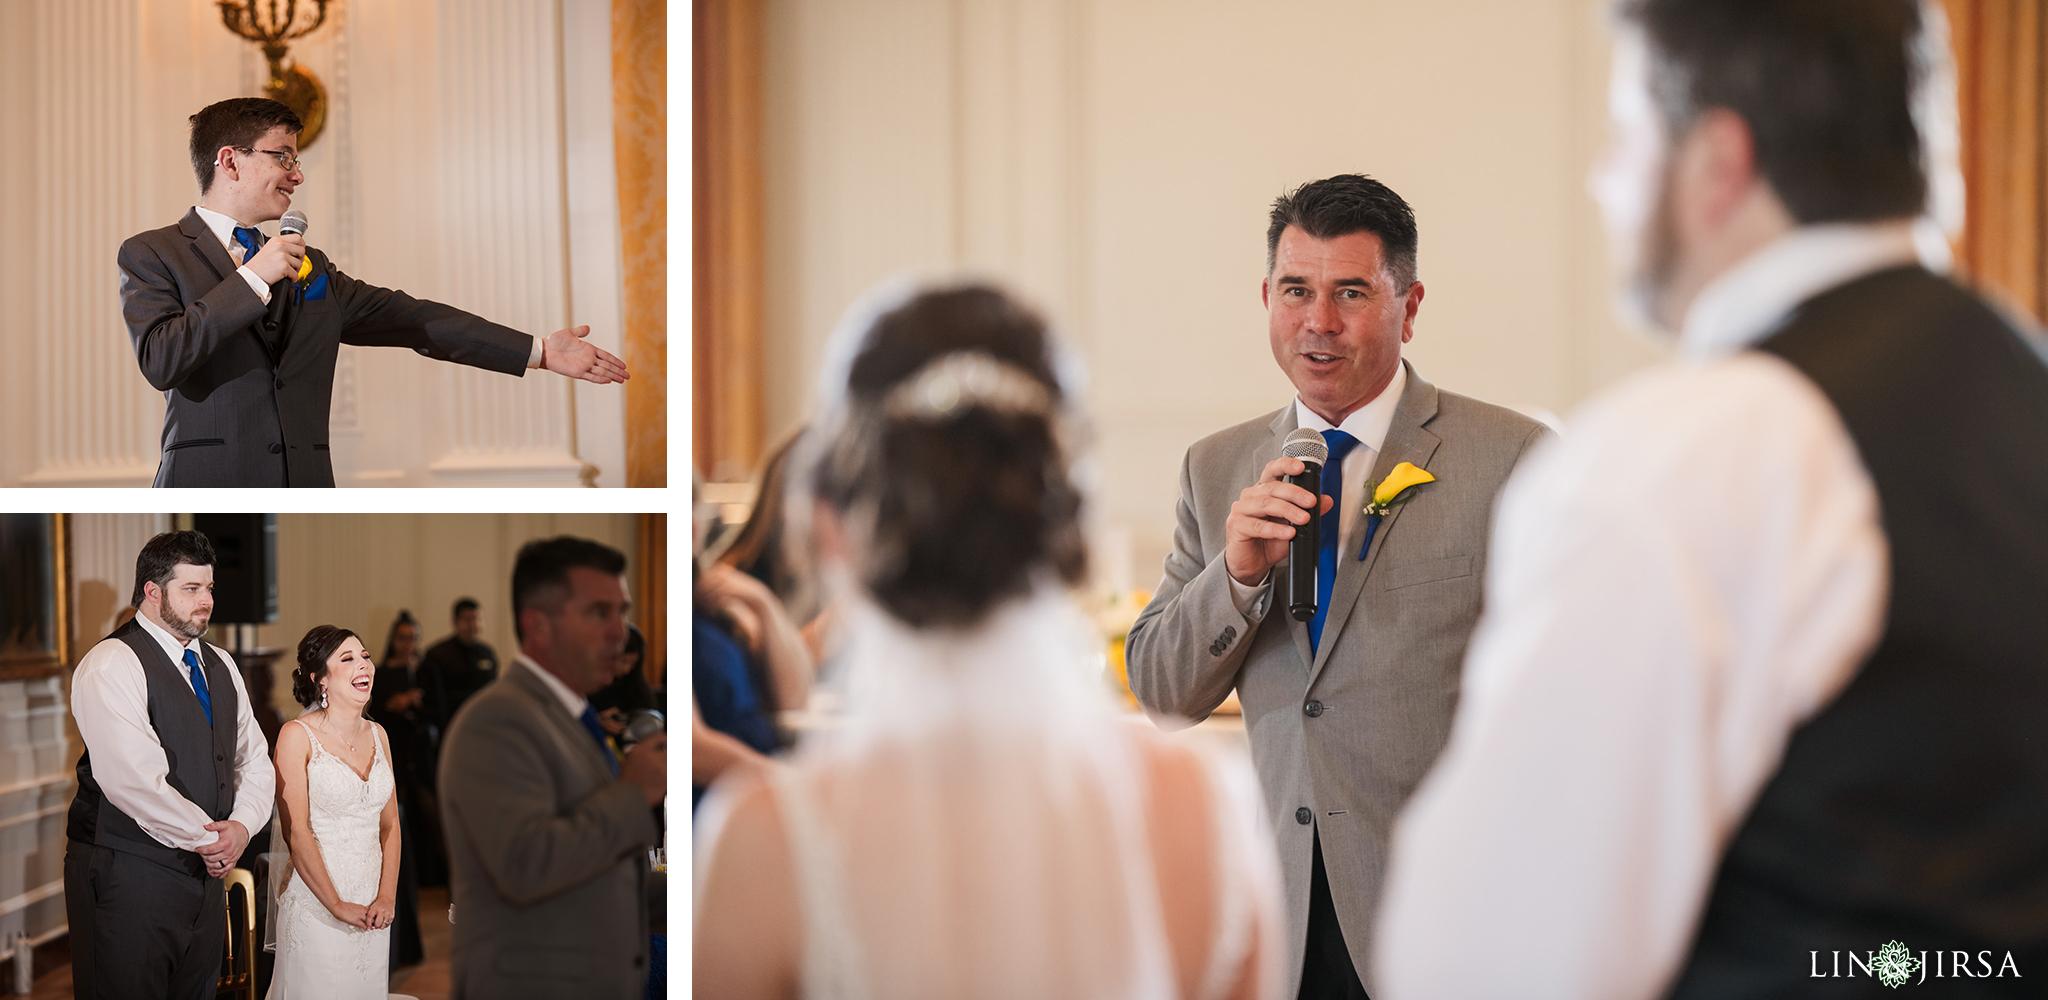 25 Richard Nixon Library Wedding Photographer